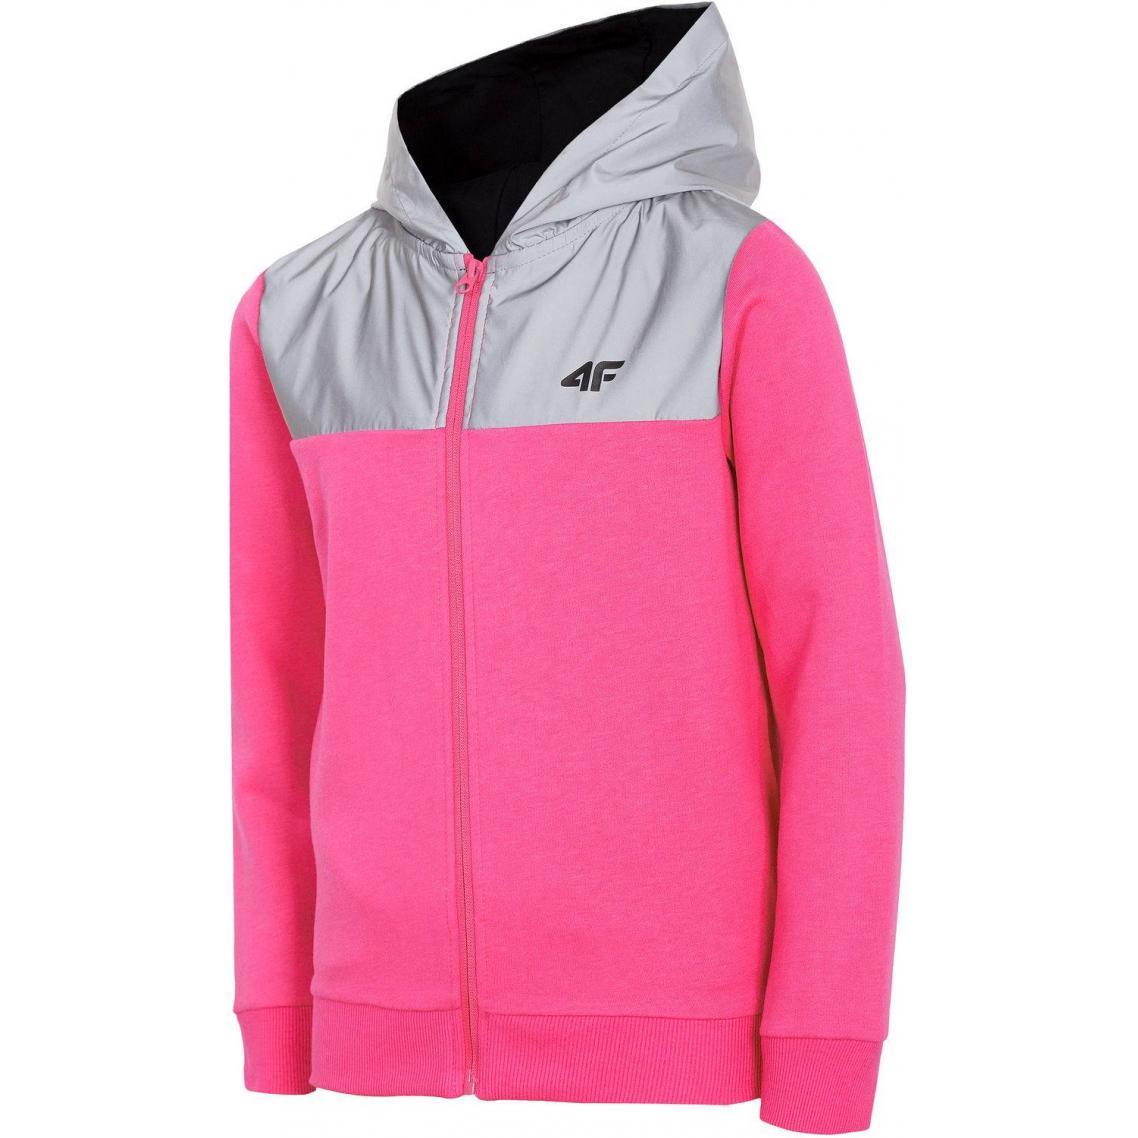 Dziewczęca bluza 4F różowa